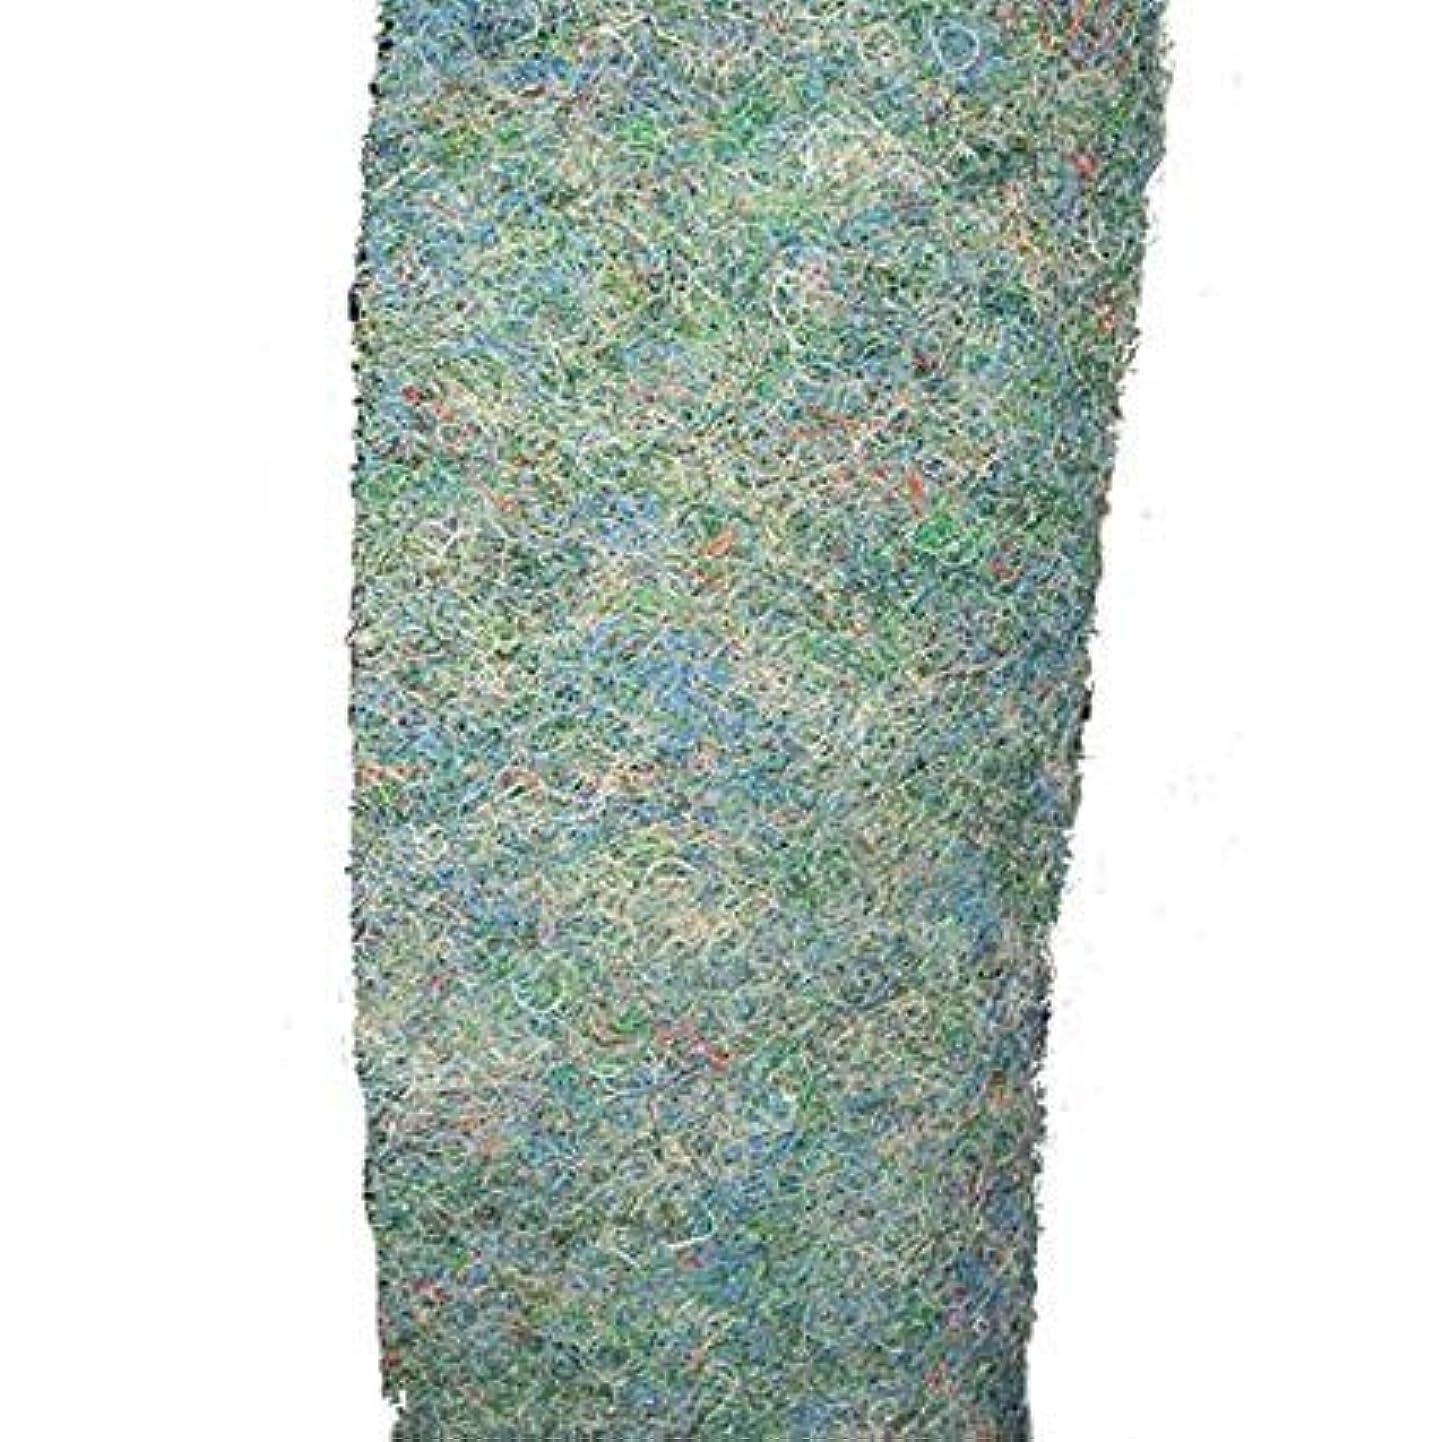 思われるゴミ箱アカデミーゼンスイ(日本製) サランロック 厚30mm×50cm×幅 25cm 3枚 庭池?水槽用濾過材